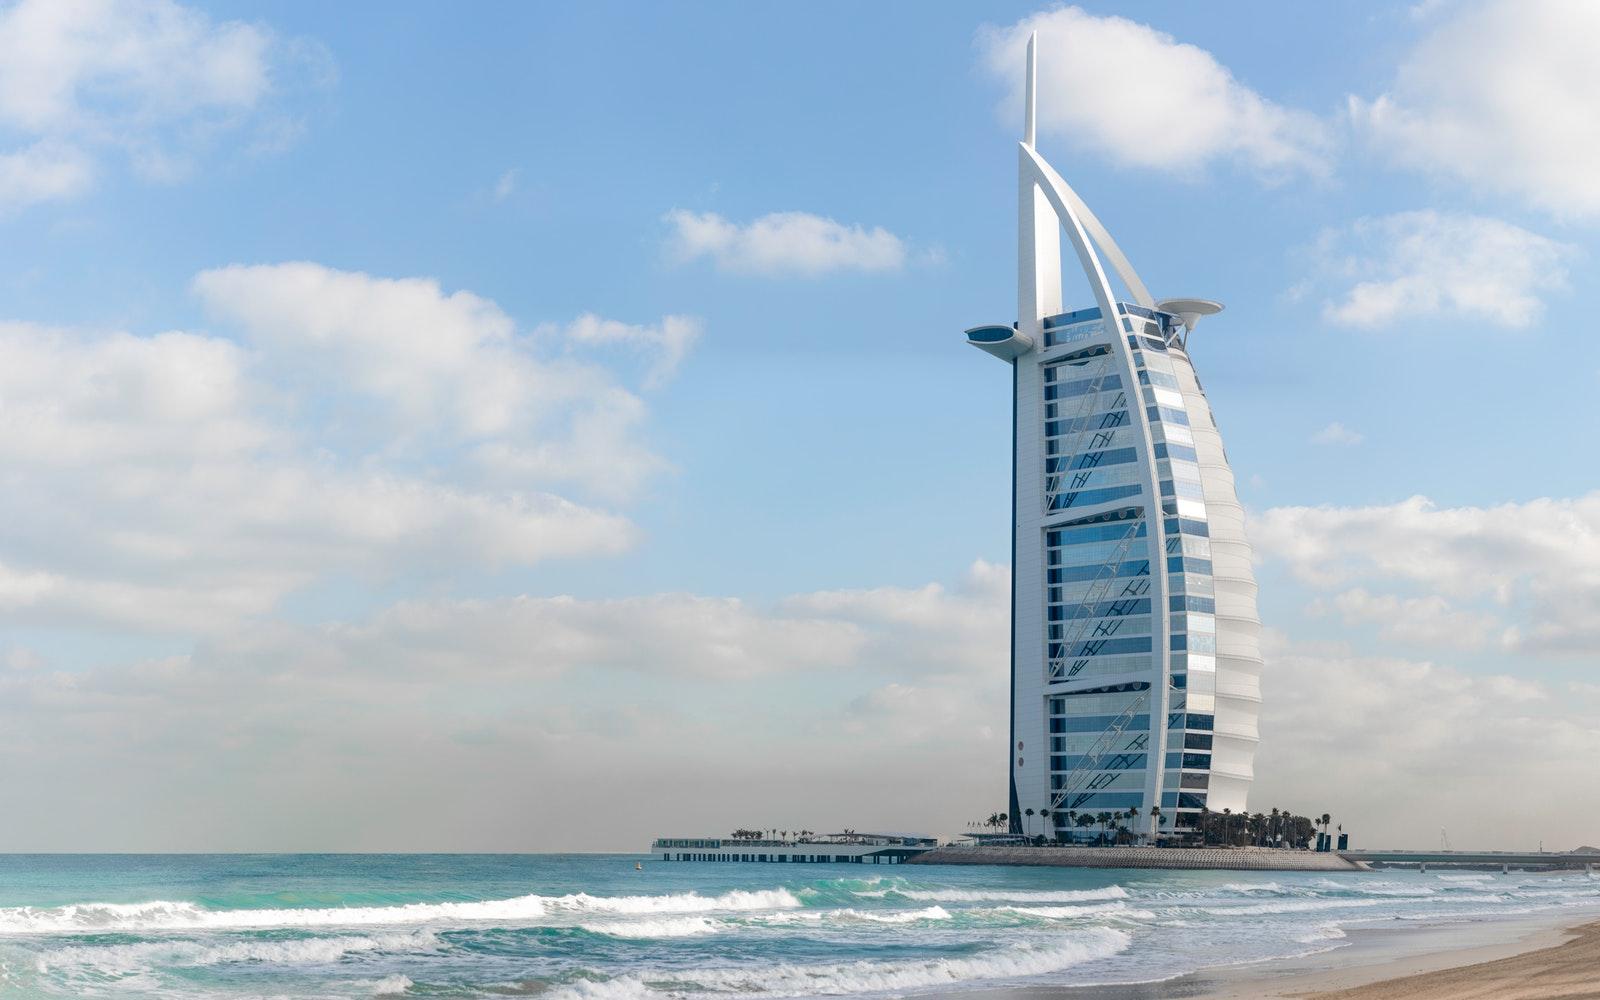 CEO's Summit: Success through Blue Ocean Leadership